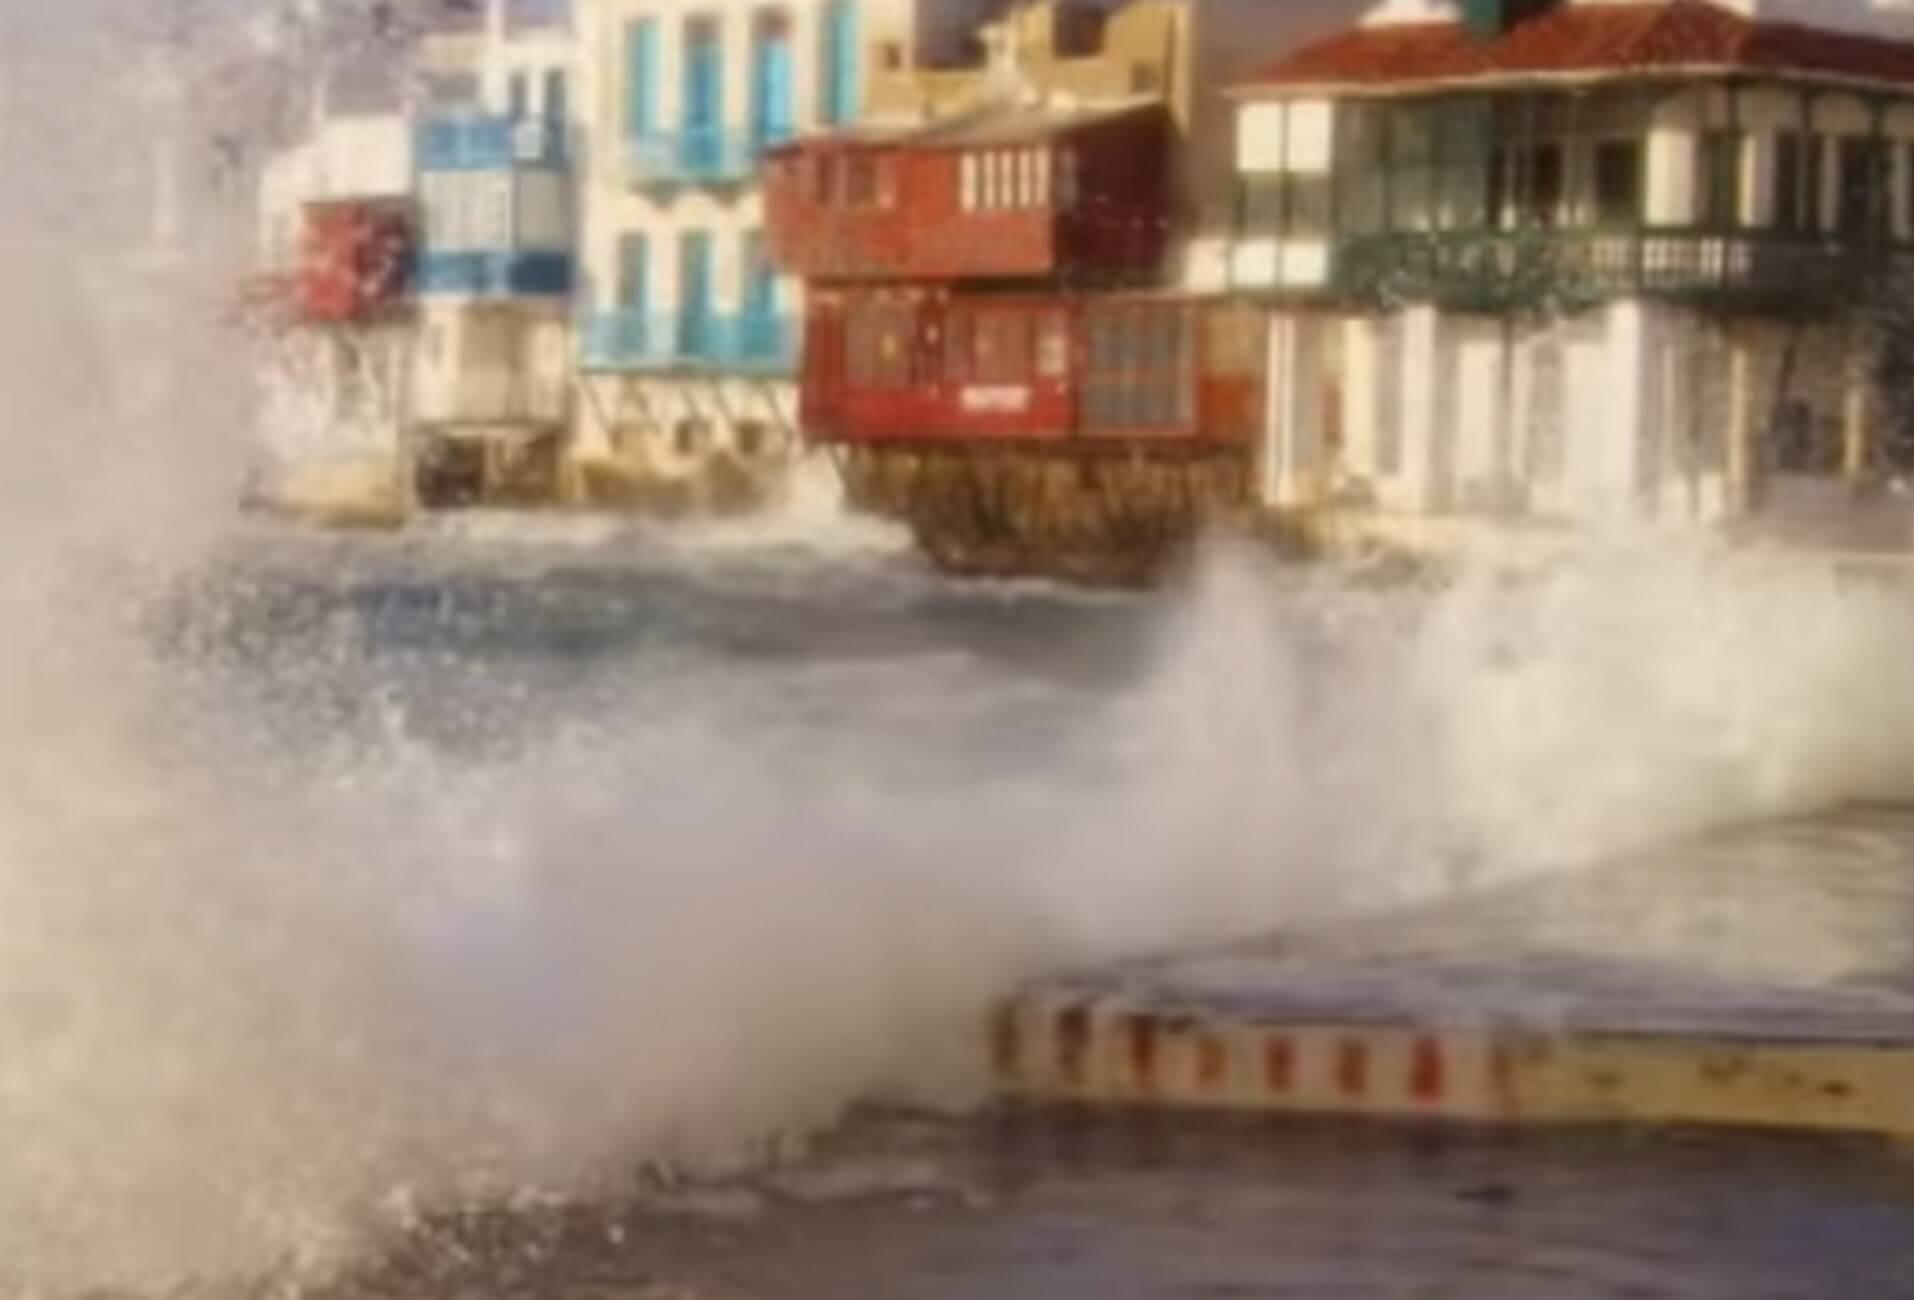 """Μύκονος: Οι στιγμές που κύματα """"καταπίνουν"""" τη Μικρή Βενετία – Χάθηκε ο ορίζοντας – video"""